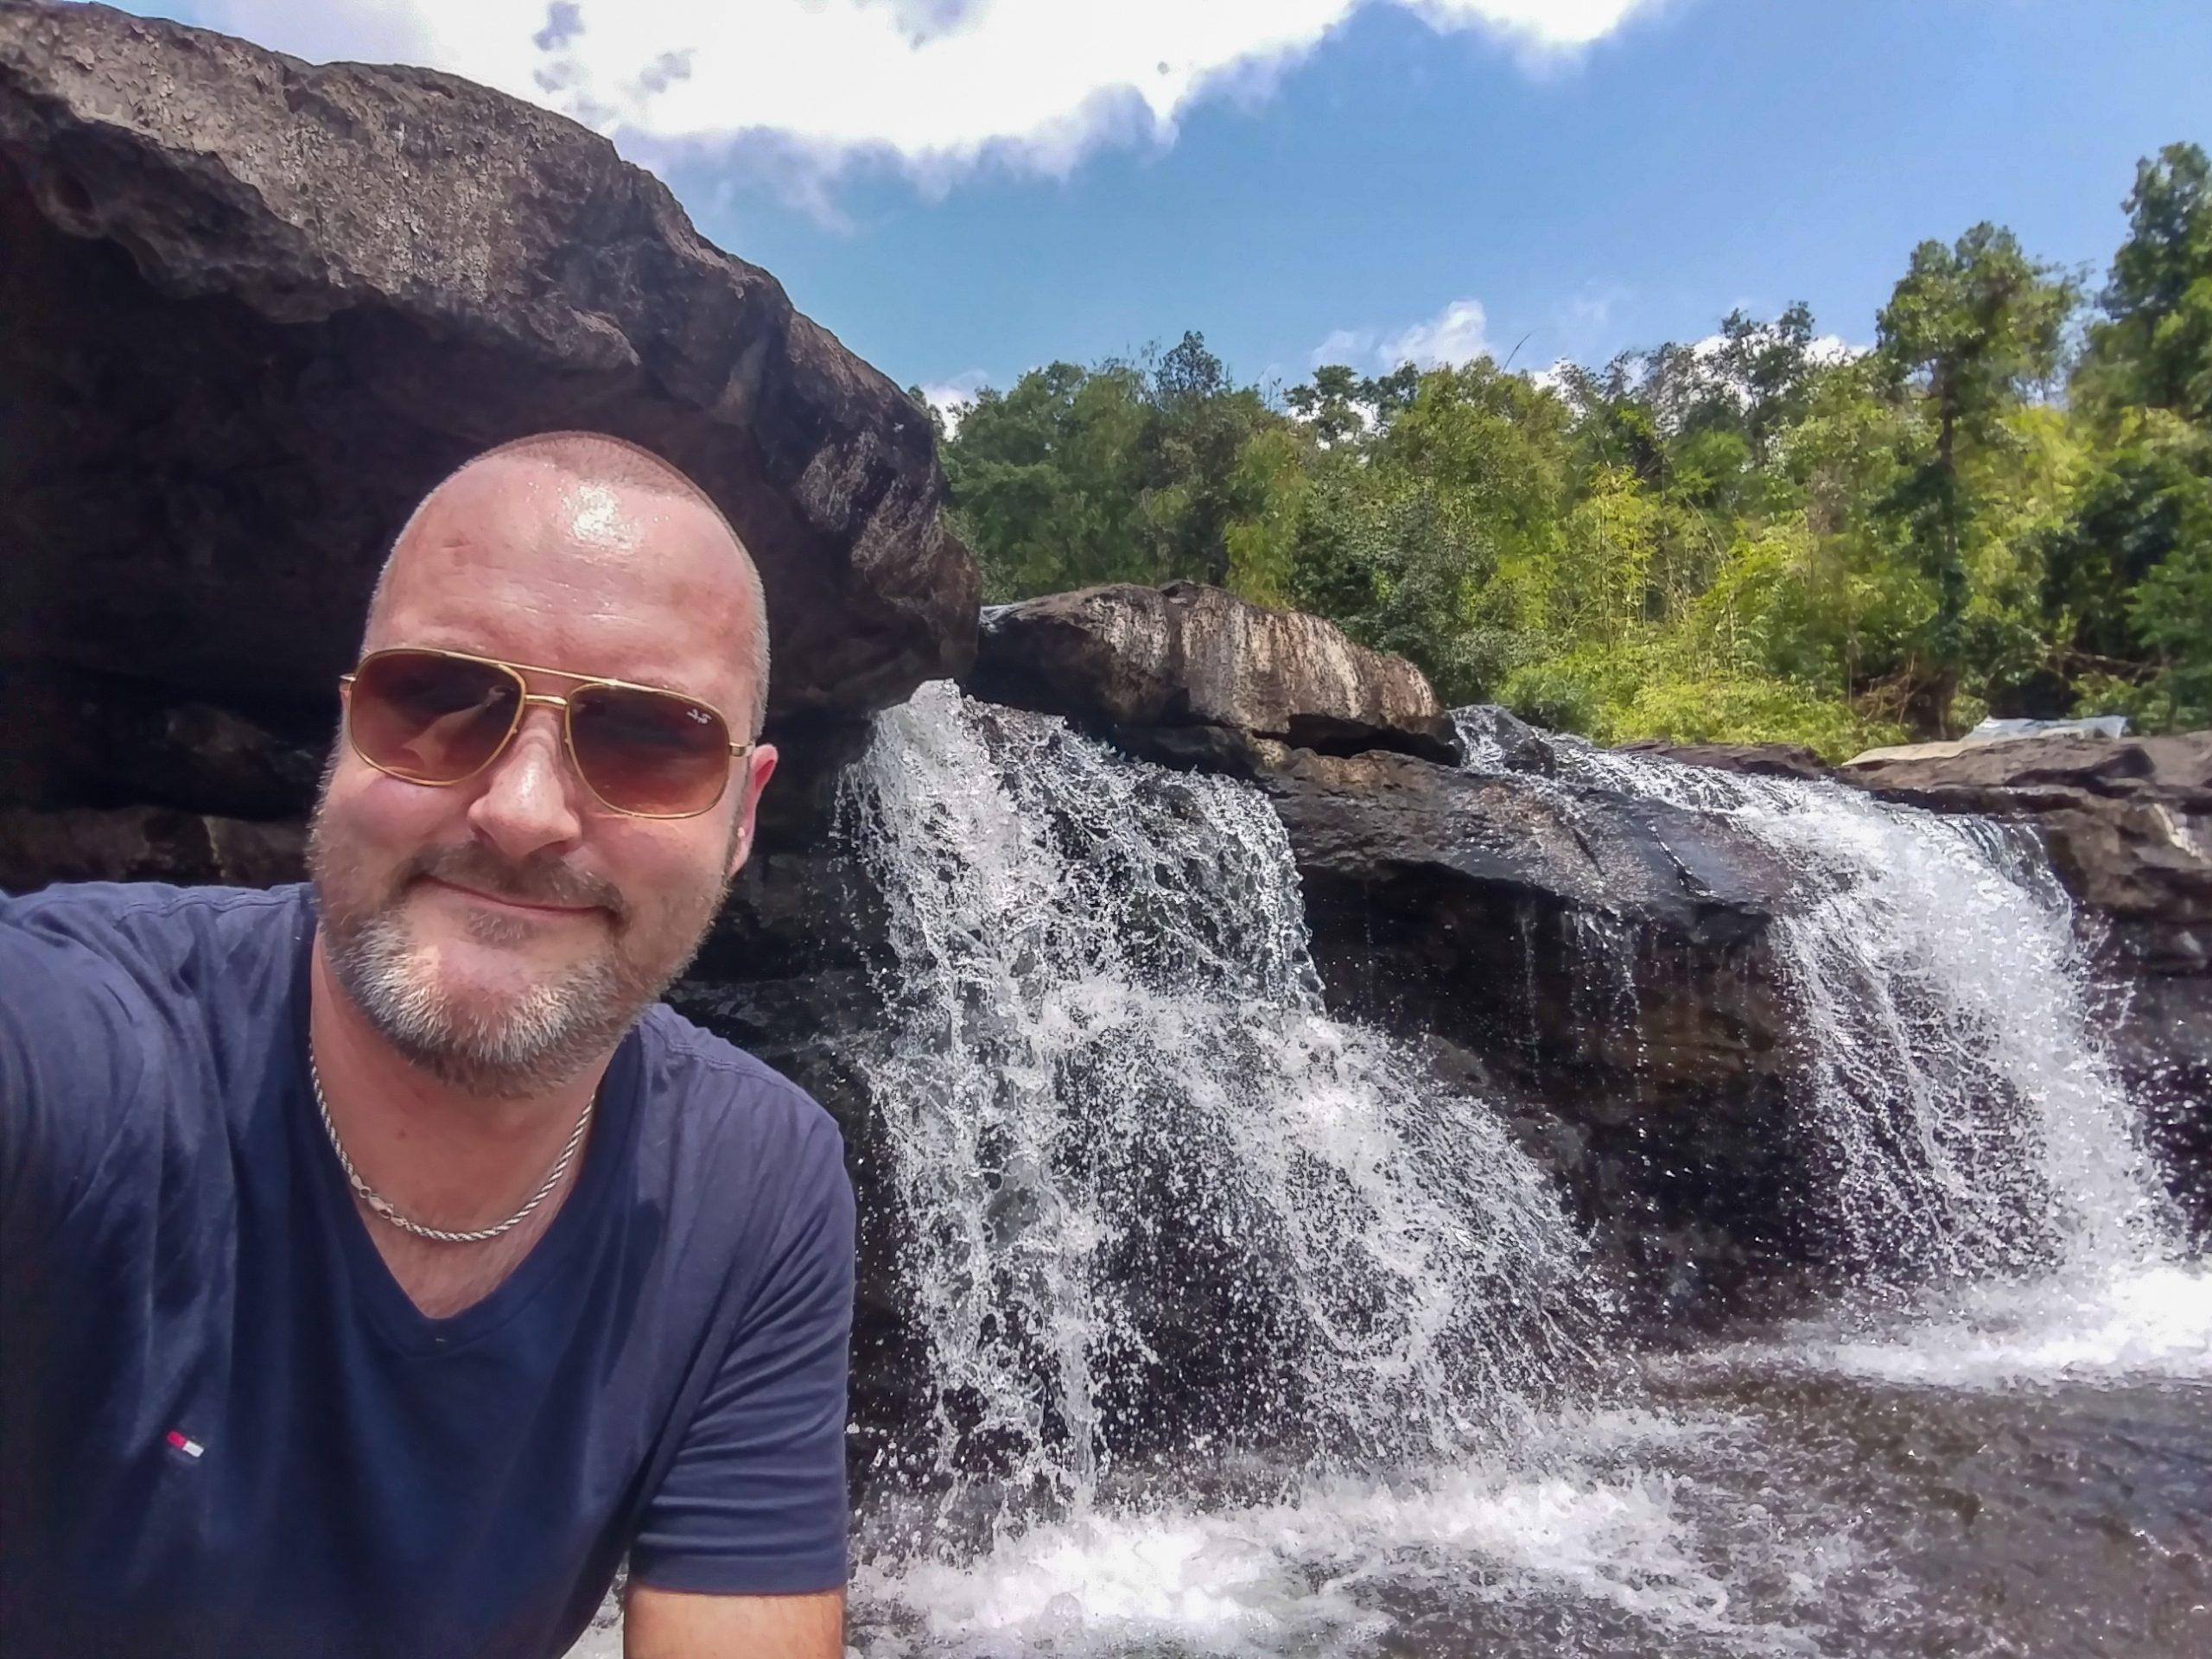 Ricko Bastegaard ejer Unique Travel med speciale i individuelle rundrejser til Østen. De nye regler for at rejsebureauer kollektivt skal tilbagebetale statslånet til Rejsegarantifonden vil, som det ser ud nu, koste ham næsten det dobbelte af, hvad han skal låne. Privatfoto.